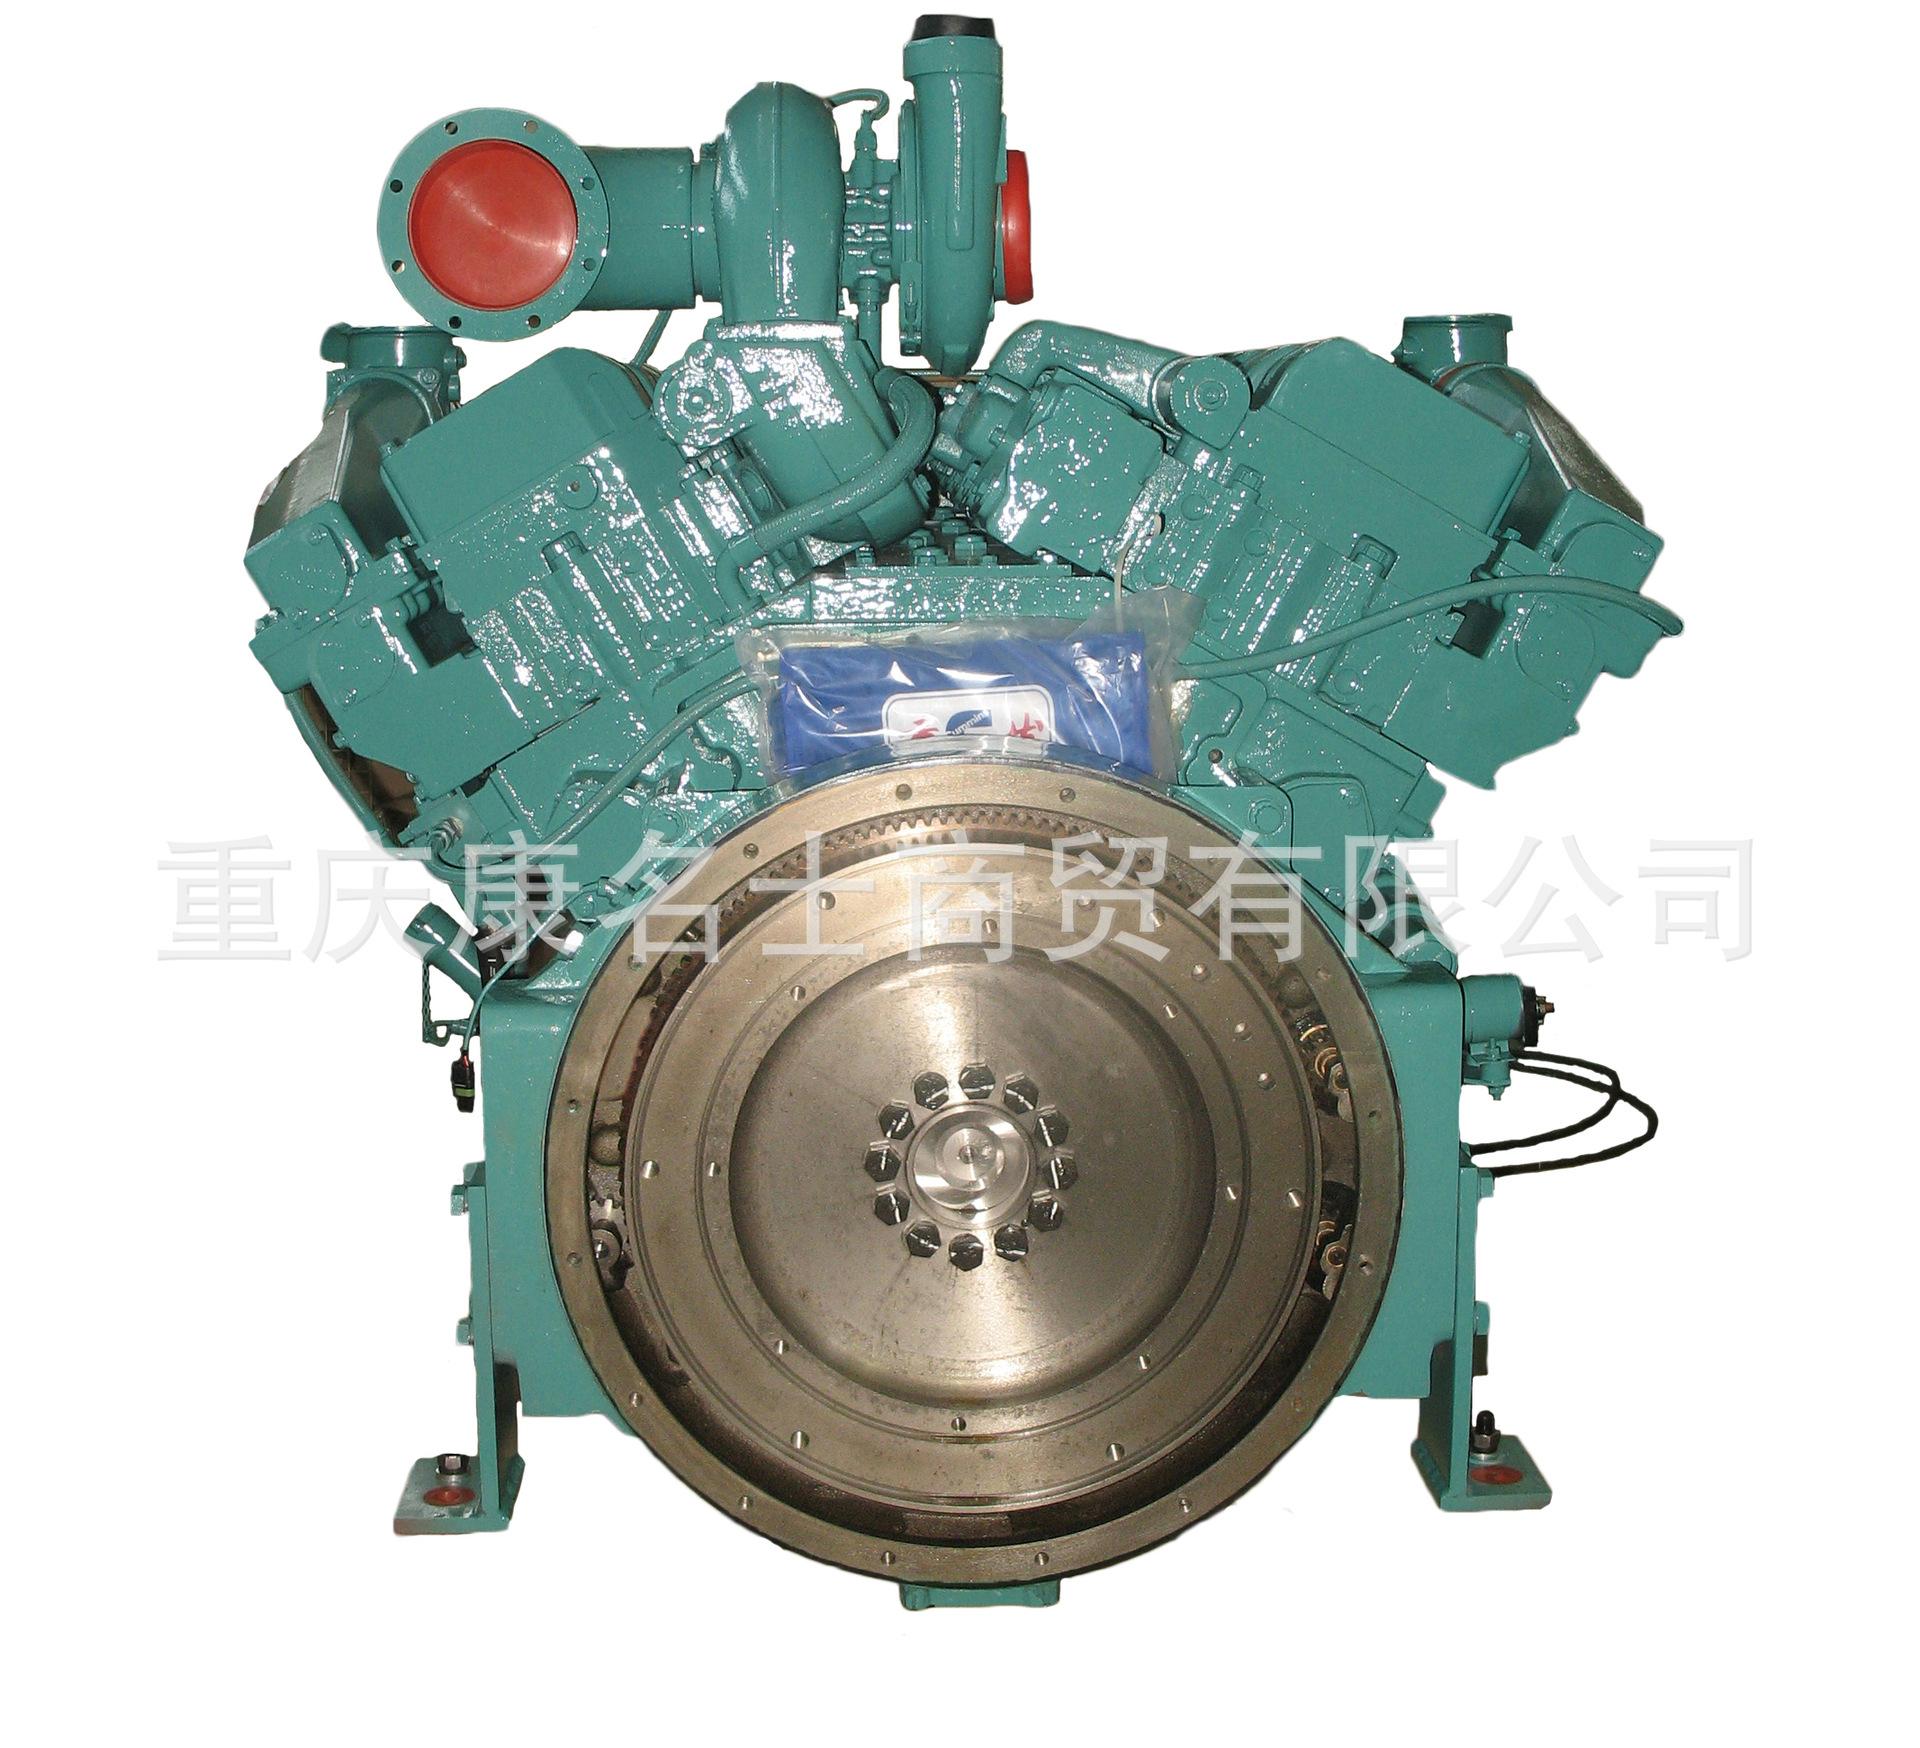 3862645康明斯风扇离合器M11-370 ESP PLUS发动机配件厂价优惠